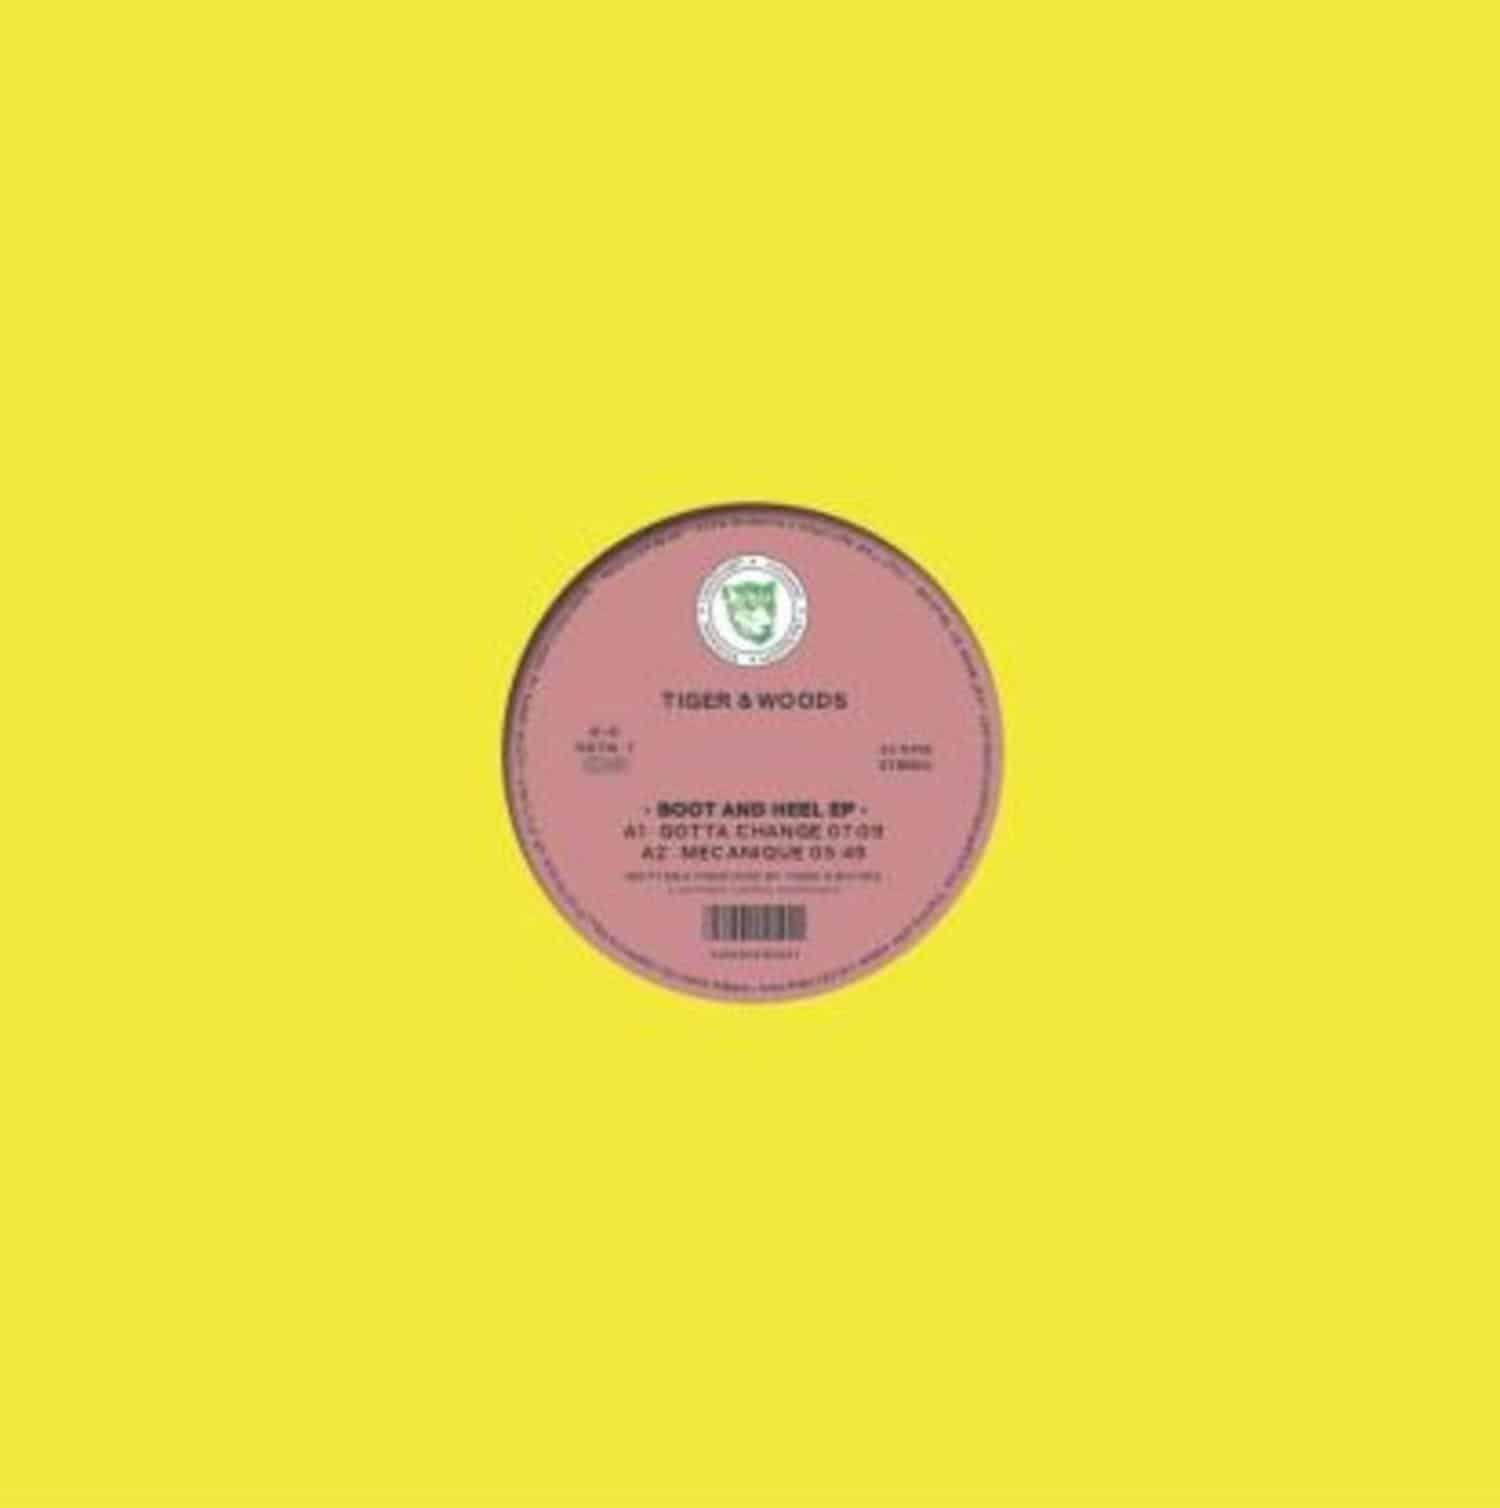 Tiger & Woods - BOOT & HEEL EP